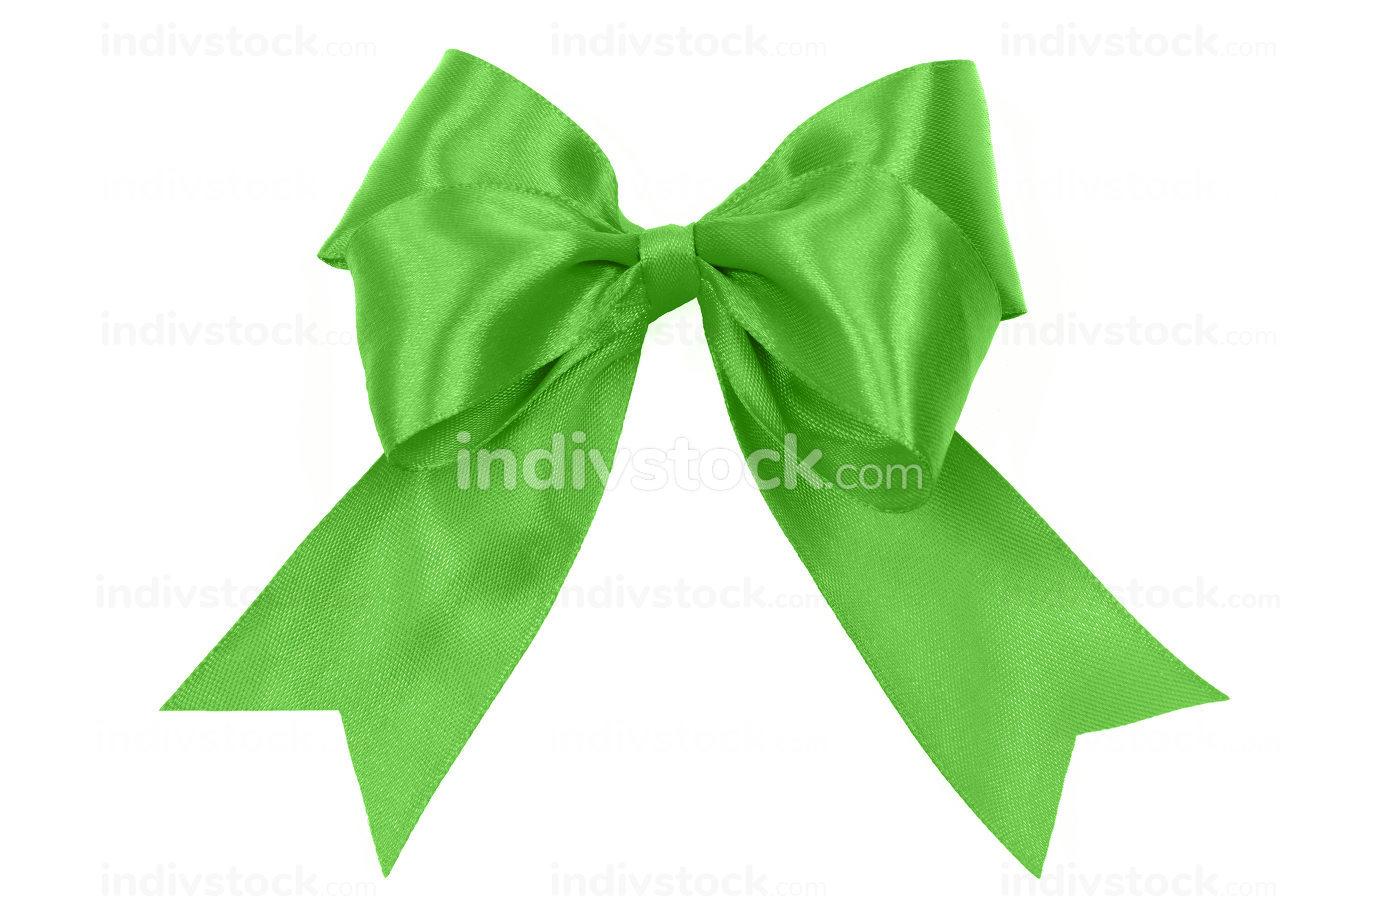 a shiny green satin bow